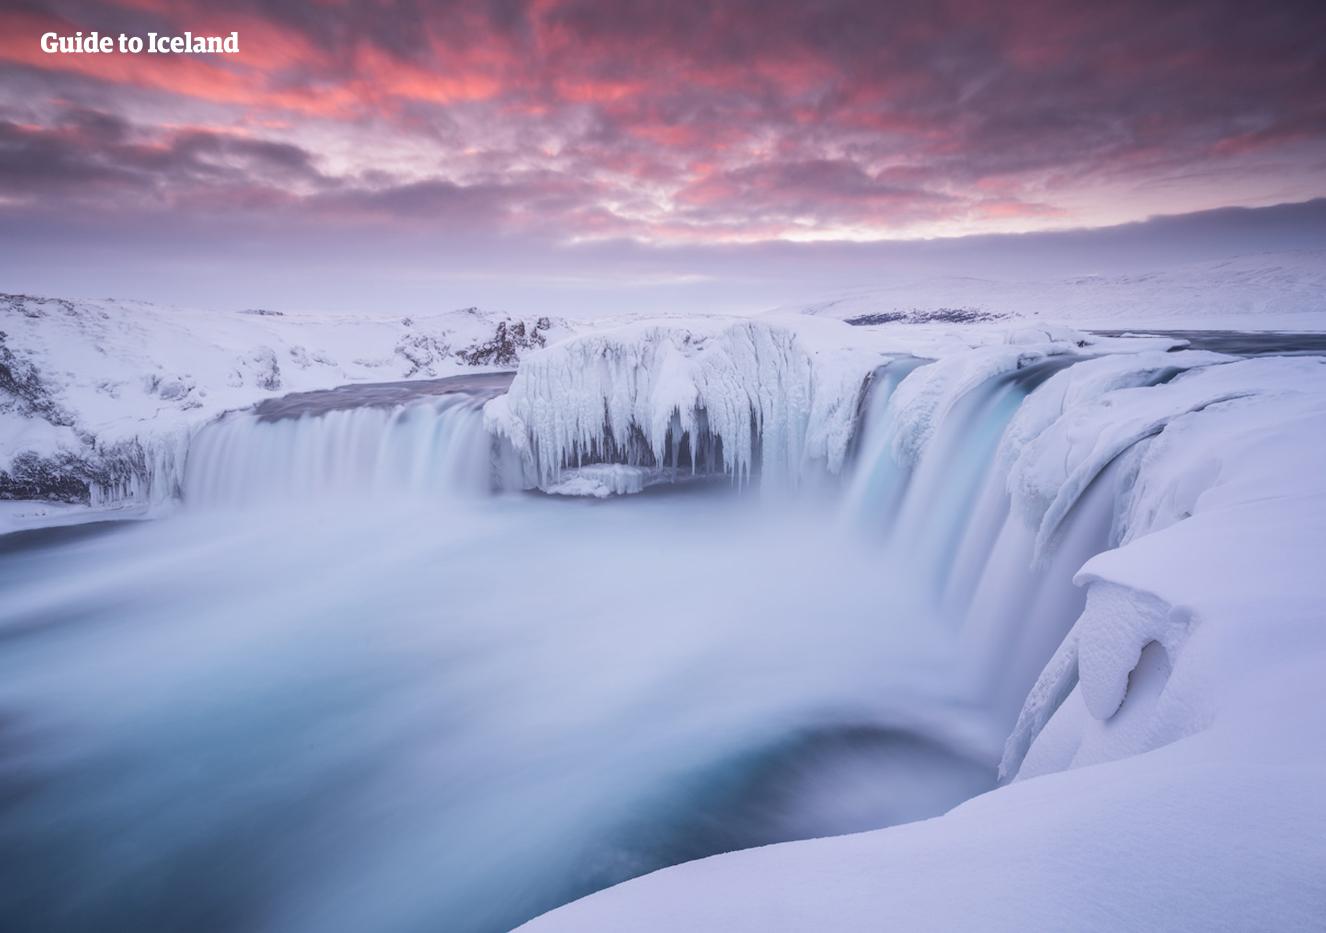 Der Wasserfall Goðafoss im Norden Islands ist im tiefen Winter in Eis gehüllt.